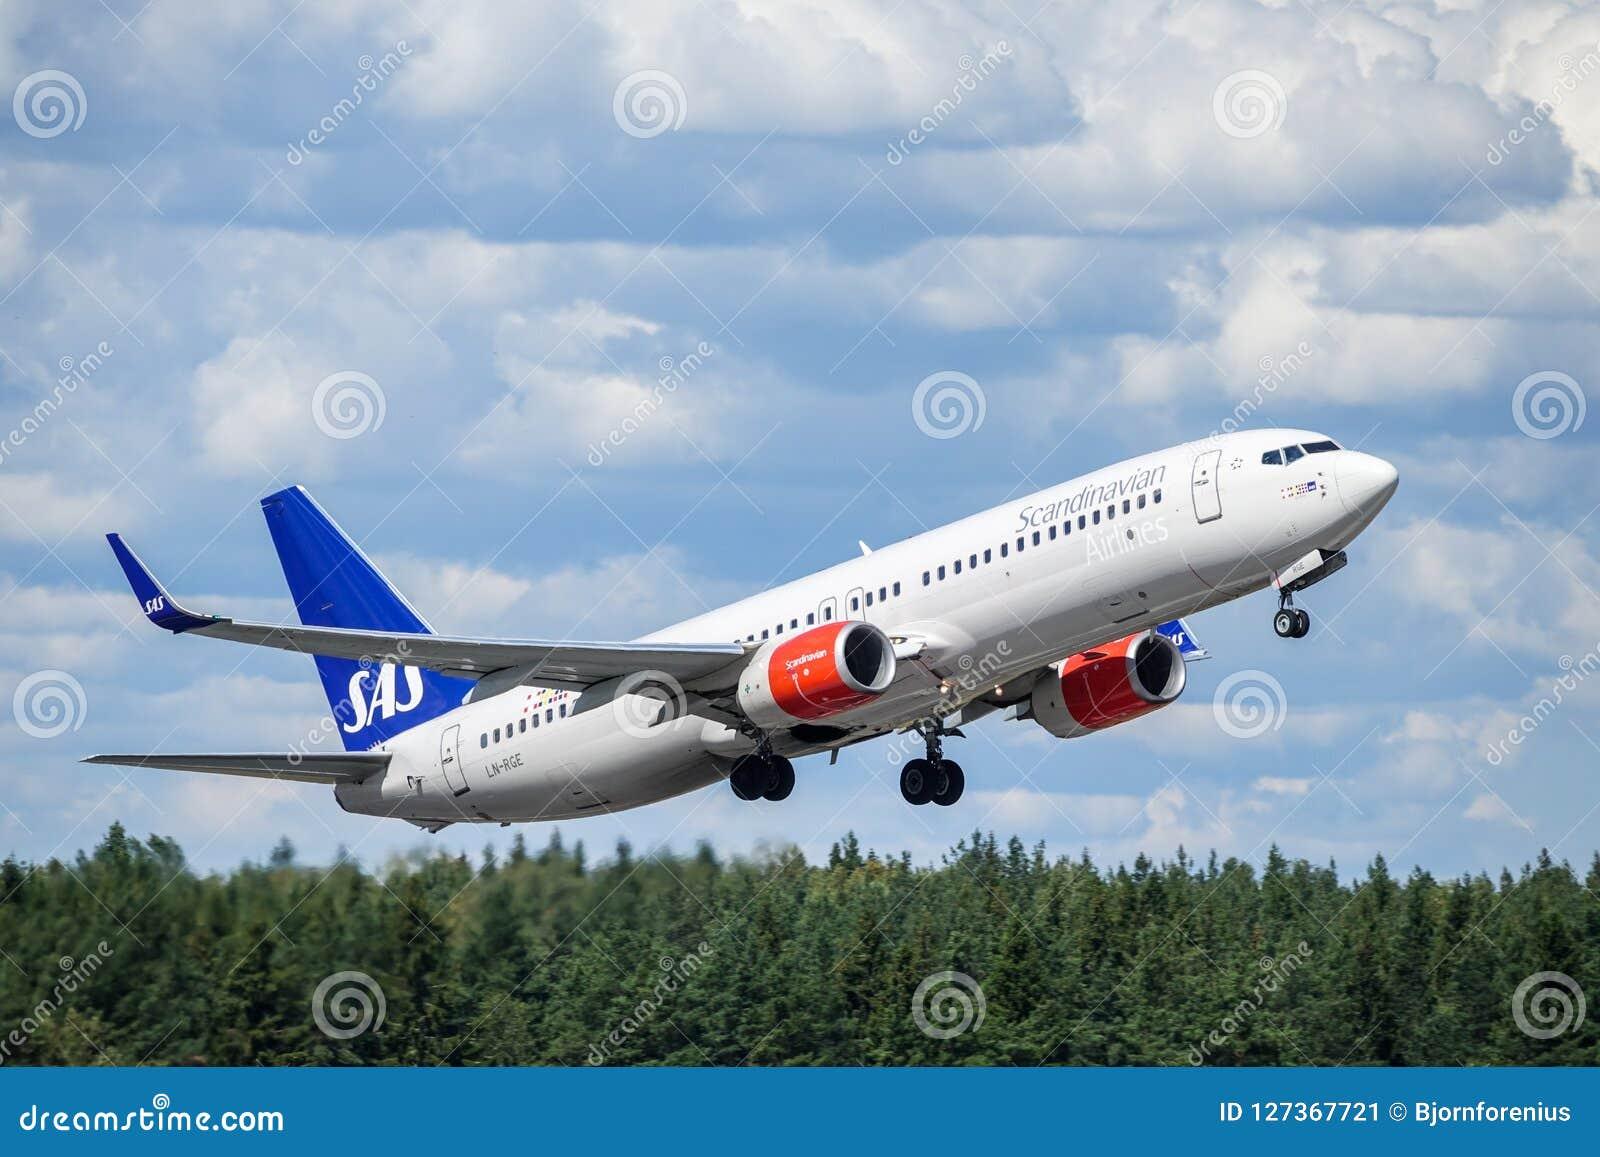 SAS Scandinavian Airlines, Boeing 737 - 800 take off